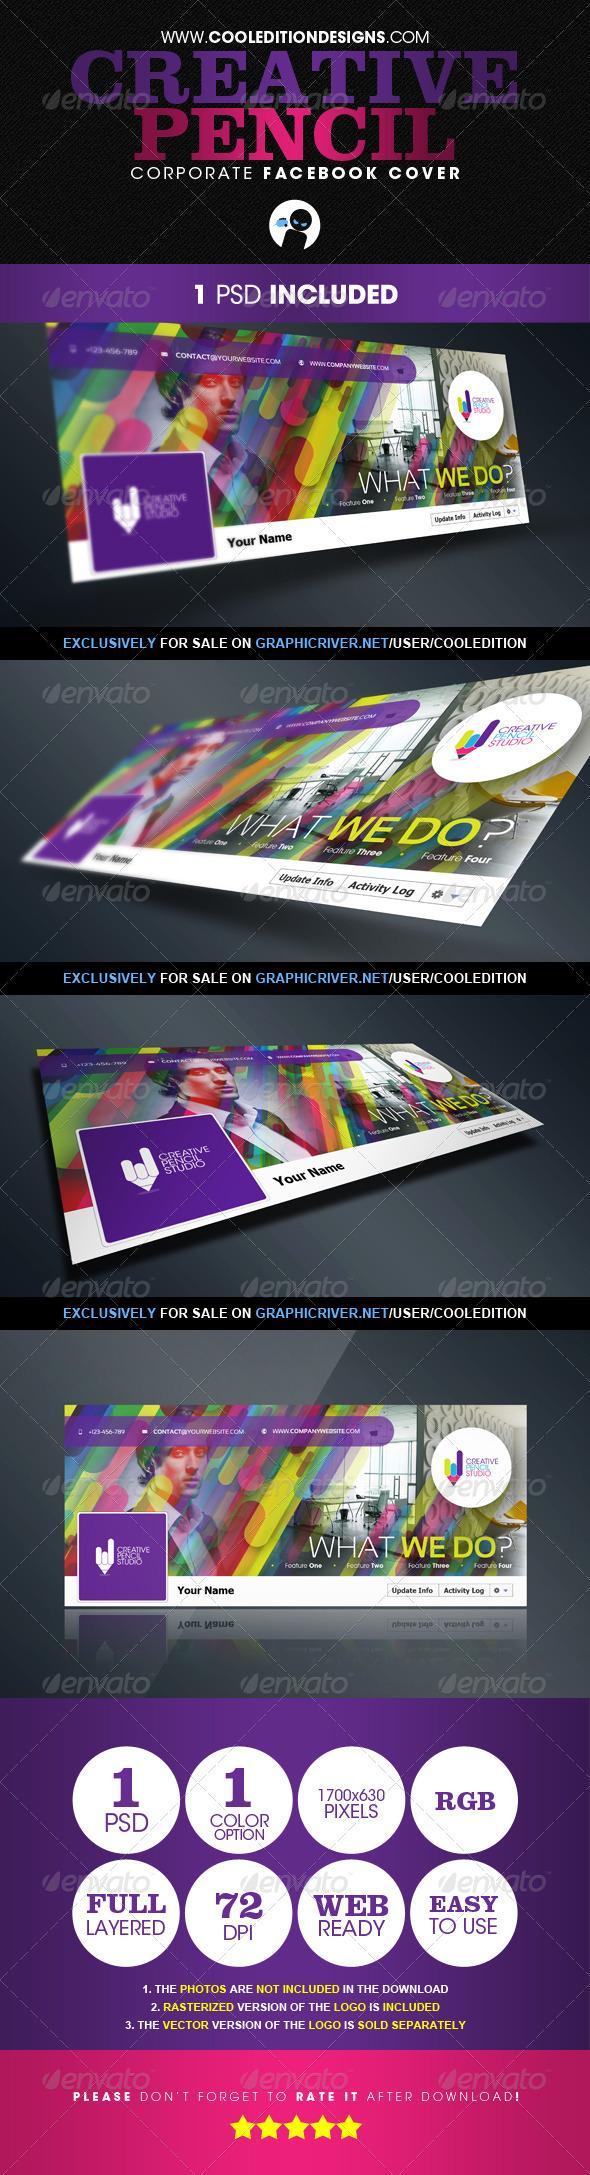 GraphicRiver Creative Pencil Corporate Facebook Cover 2855089